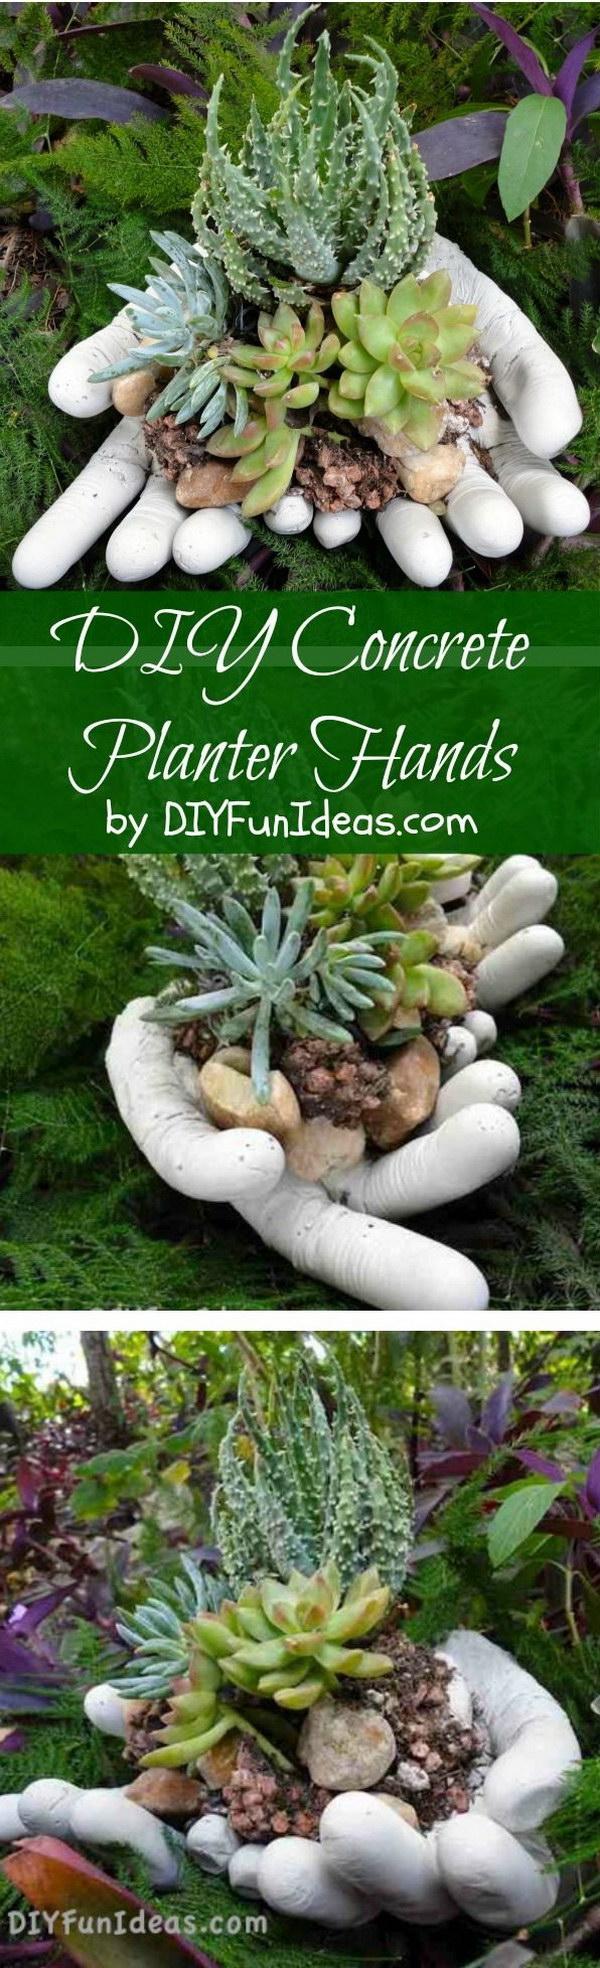 DIY Concrete Hand Planters & Bowls.